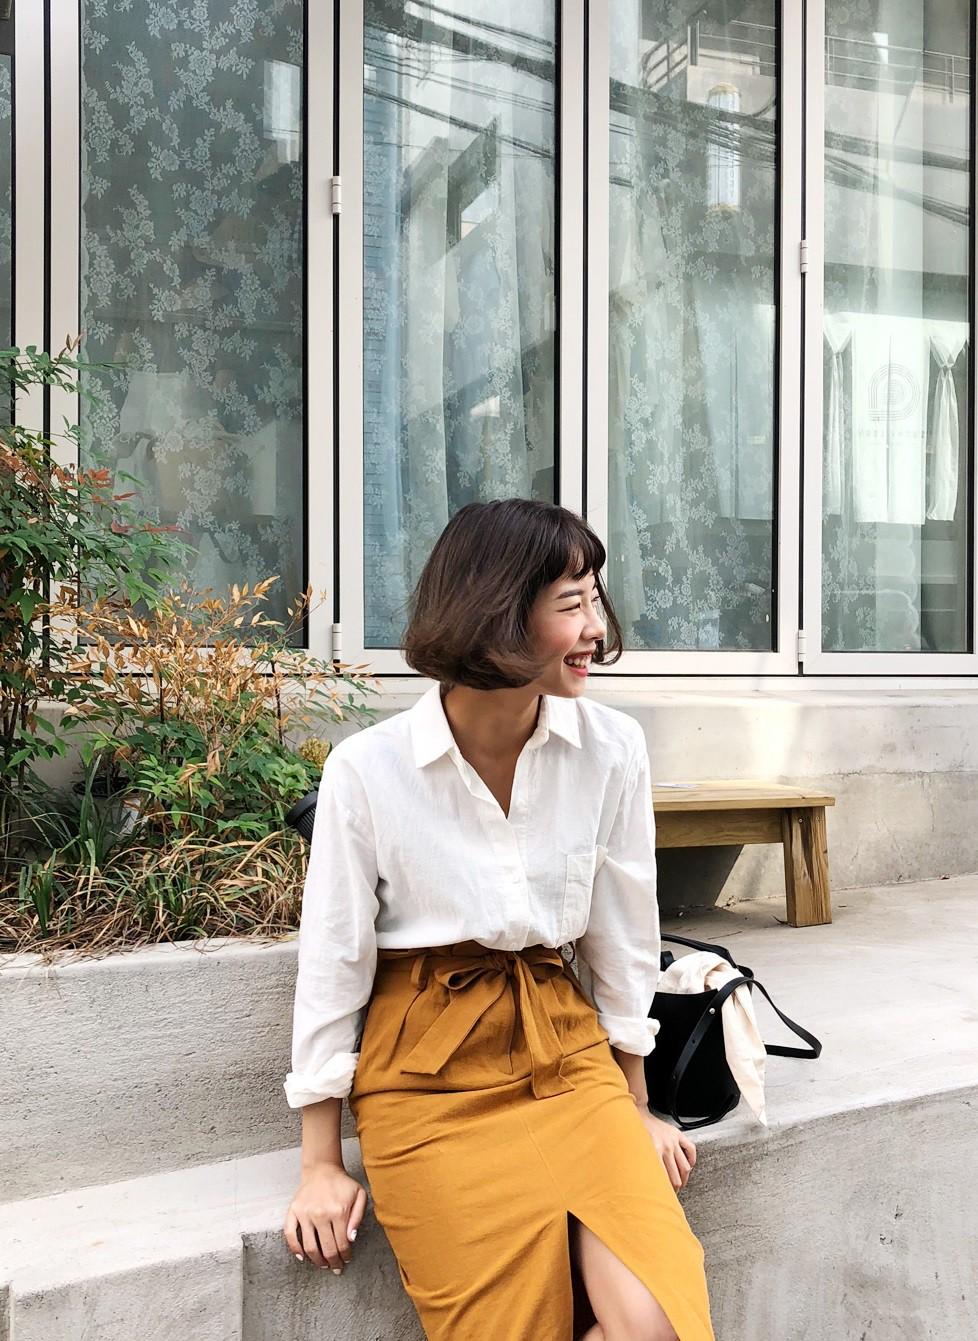 """Nếu thấy style công sở của mình hơi """"dừ"""" và cứng nhắc thì đây là 5 tips diện đồ giúp các nàng ăn gian tuổi đáng kể - Ảnh 4"""